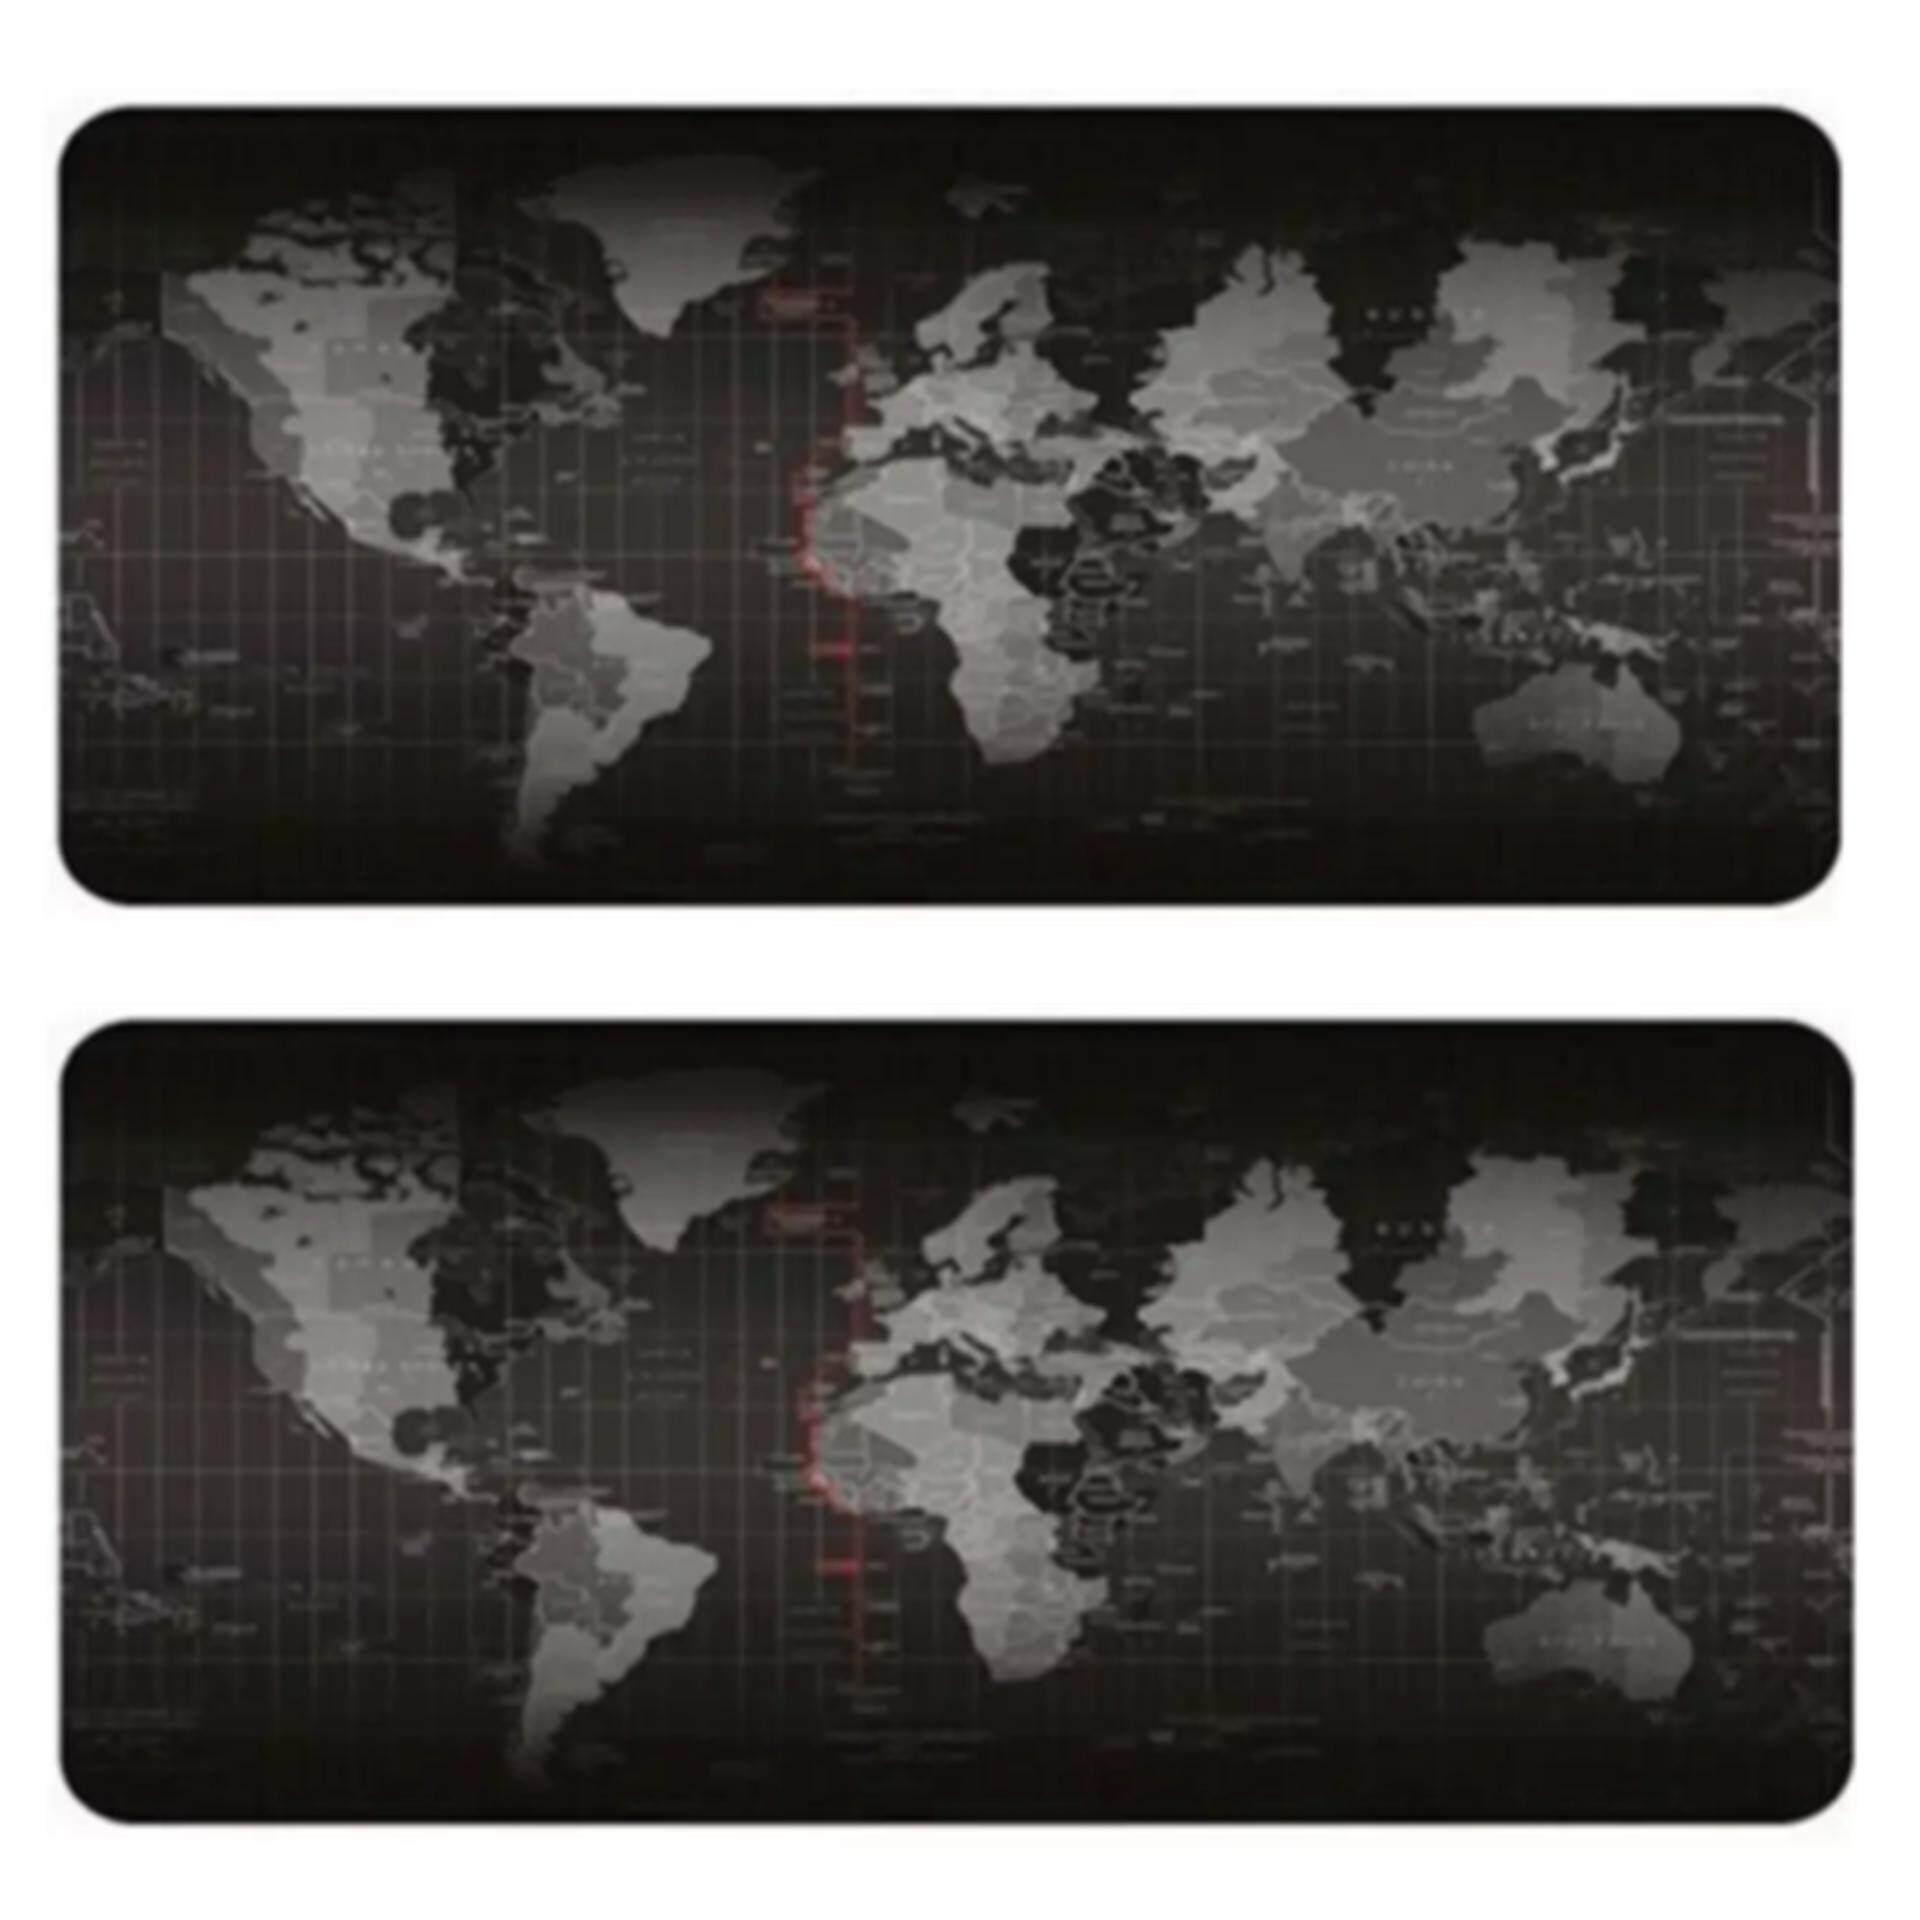 ซื้อ Big Size 80 X 30 Cm Mouse Pad แผ่นรองเม้าส์ ขนาดใหญ่ ใช้งานดี ลายแผนที่โลก 2ชิ้น Unbranded Generic เป็นต้นฉบับ